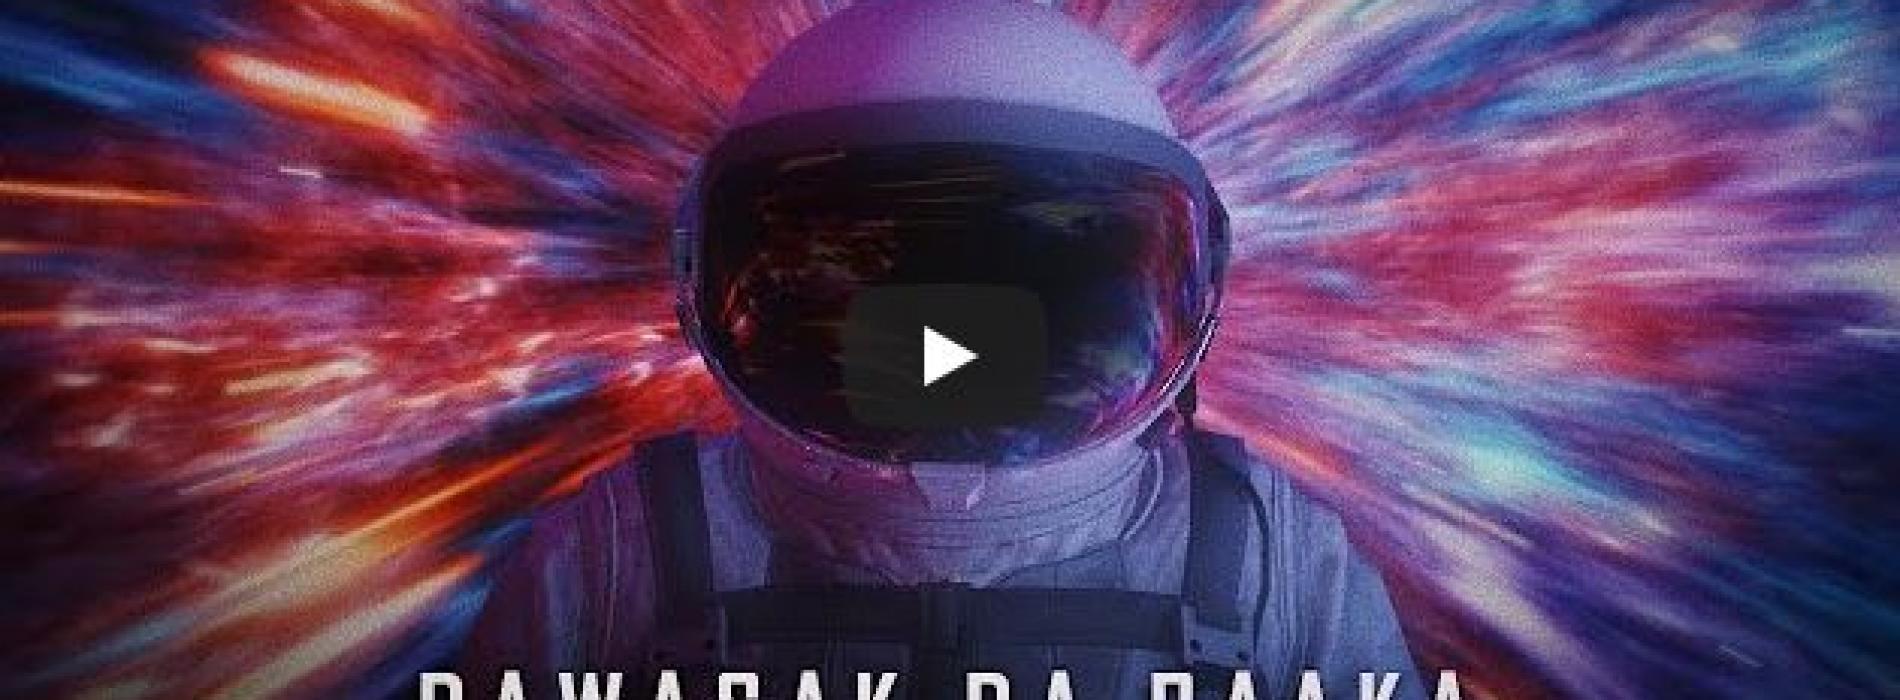 New Music : Channuka – Dawasak Da Raaka (Animated video)